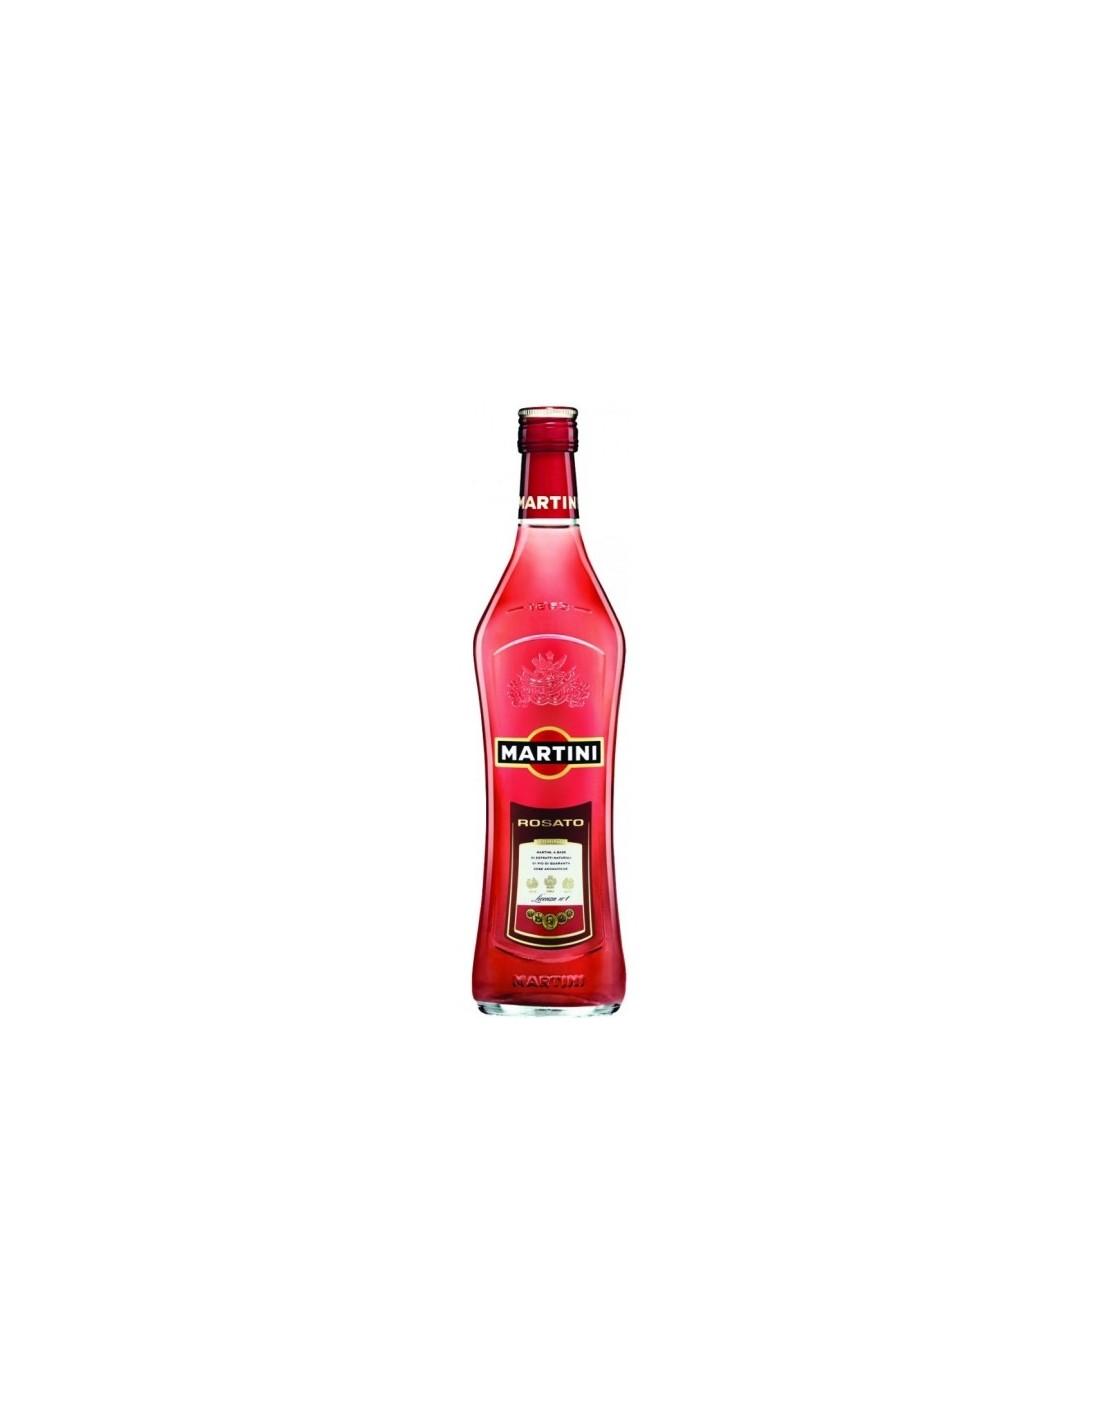 Aperitiv Martini Rosato, 15% alc., 0.75L, Italia